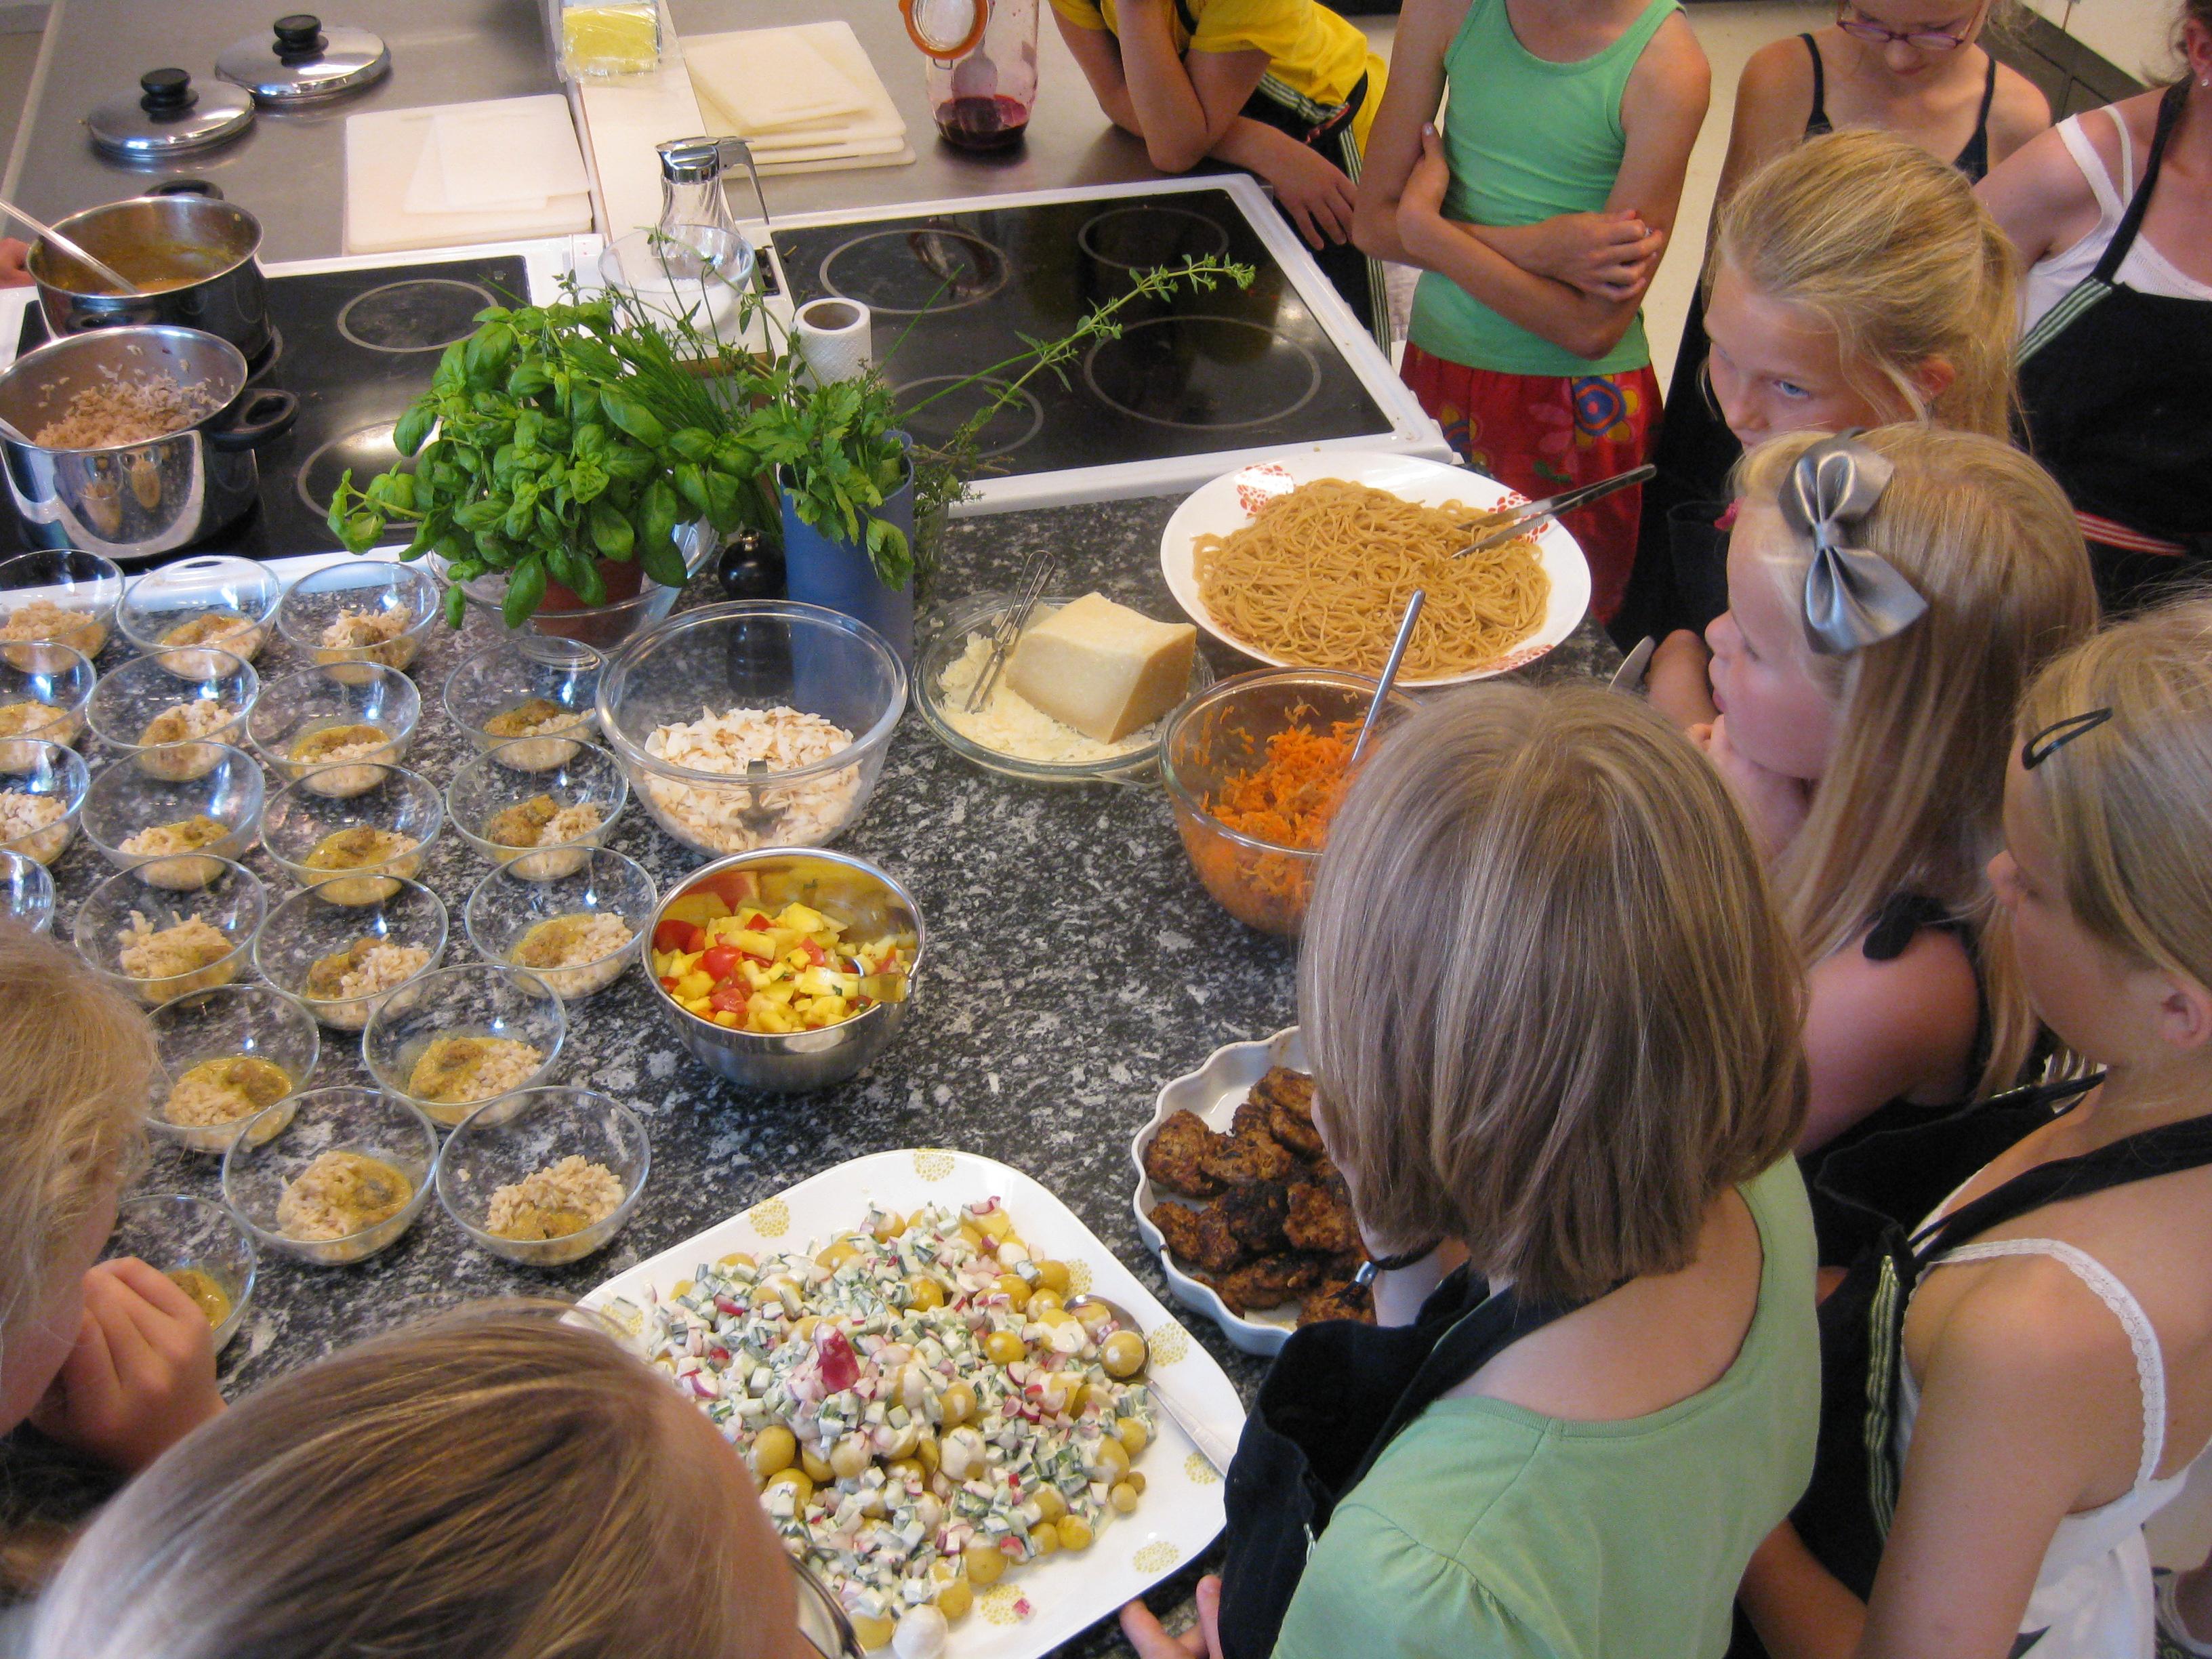 aftensmad til børn på 9 år